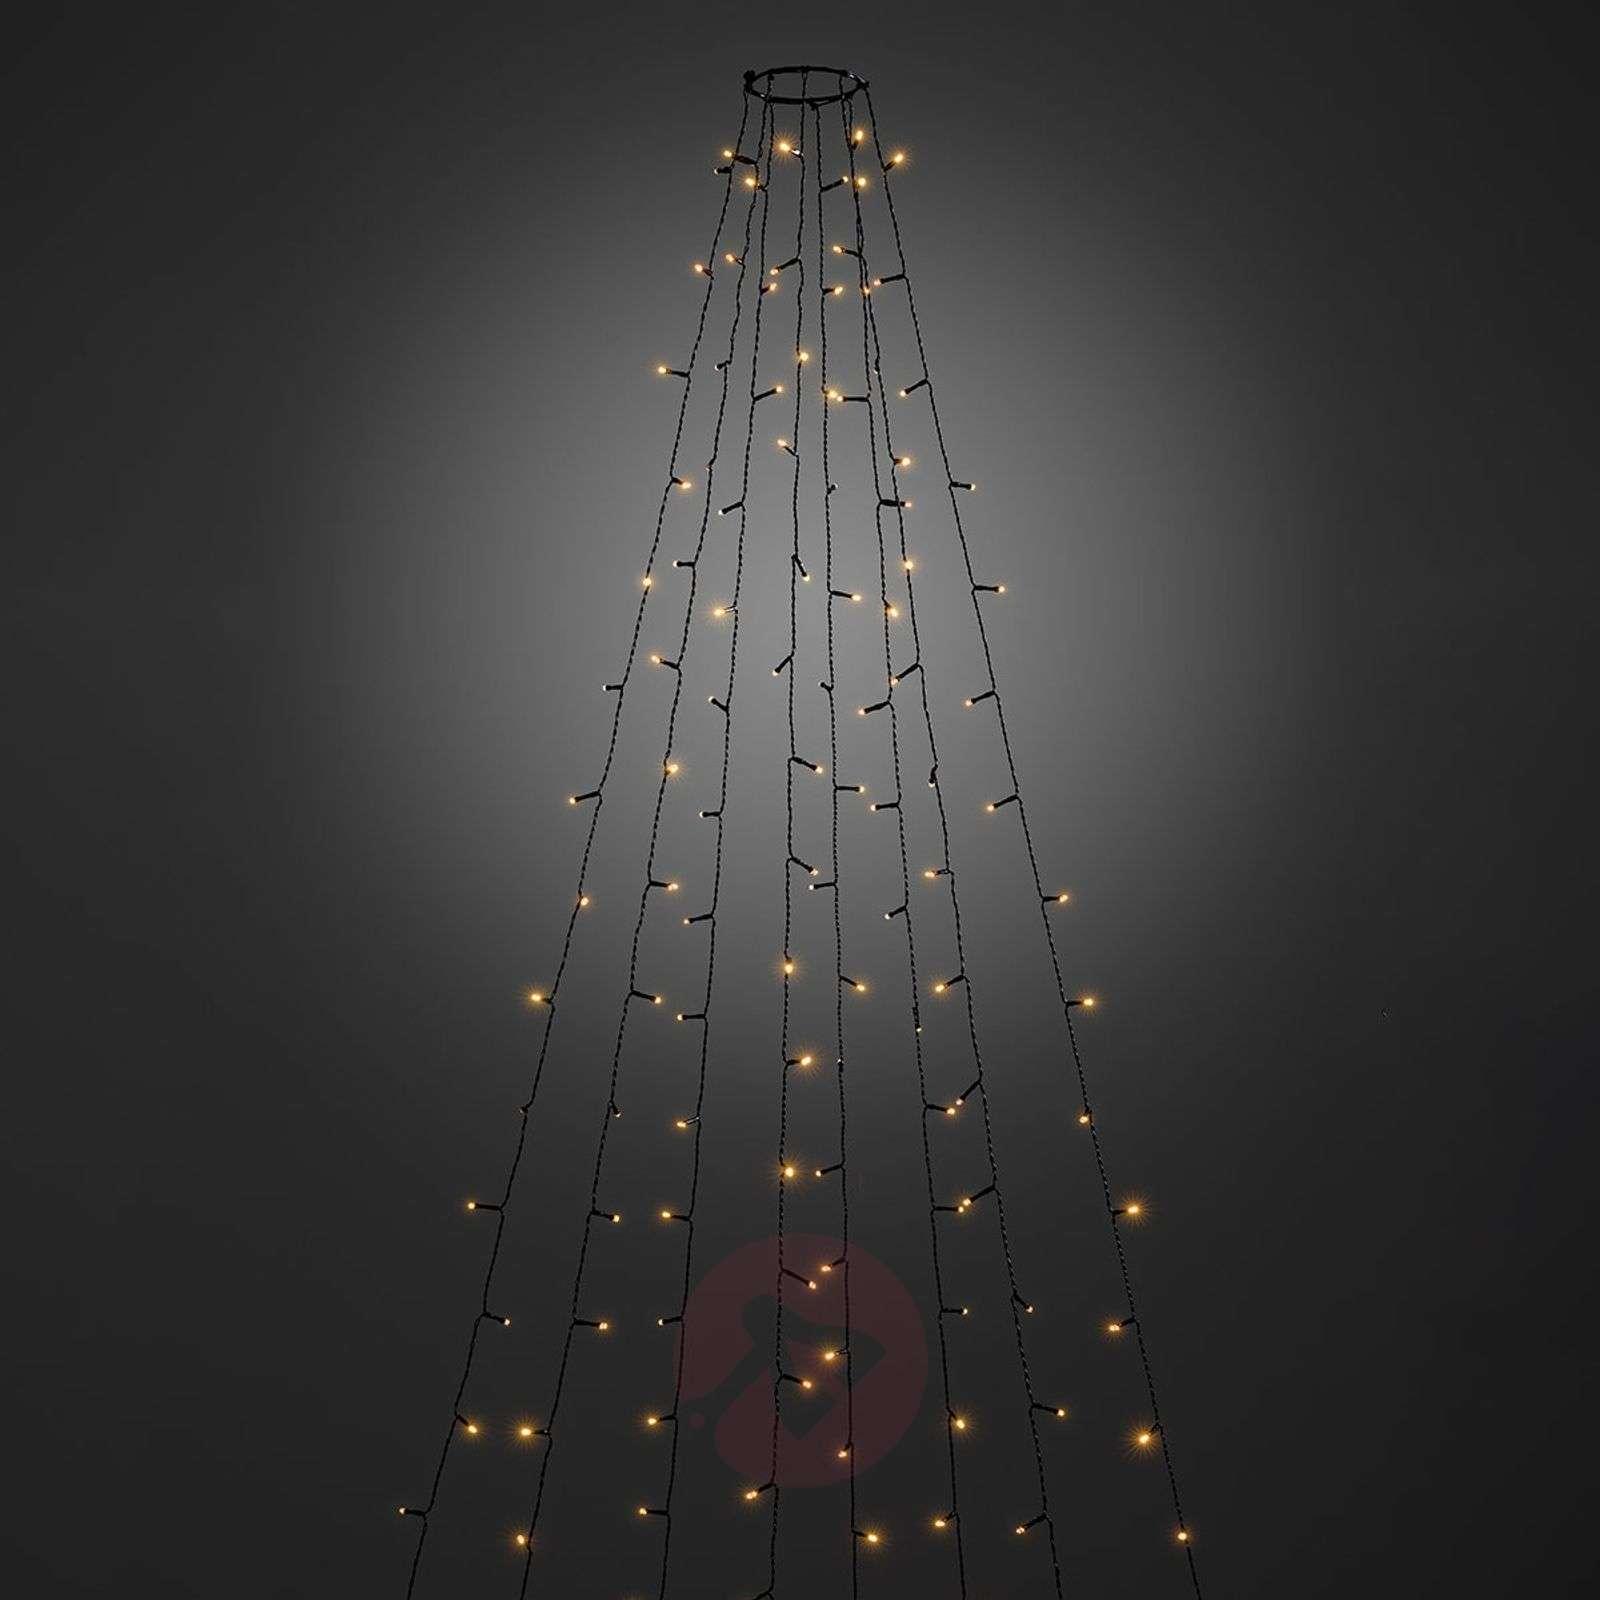 Appin kautta käyt. LED-valohuppu, ulko, 240-lampp.-5524825-01